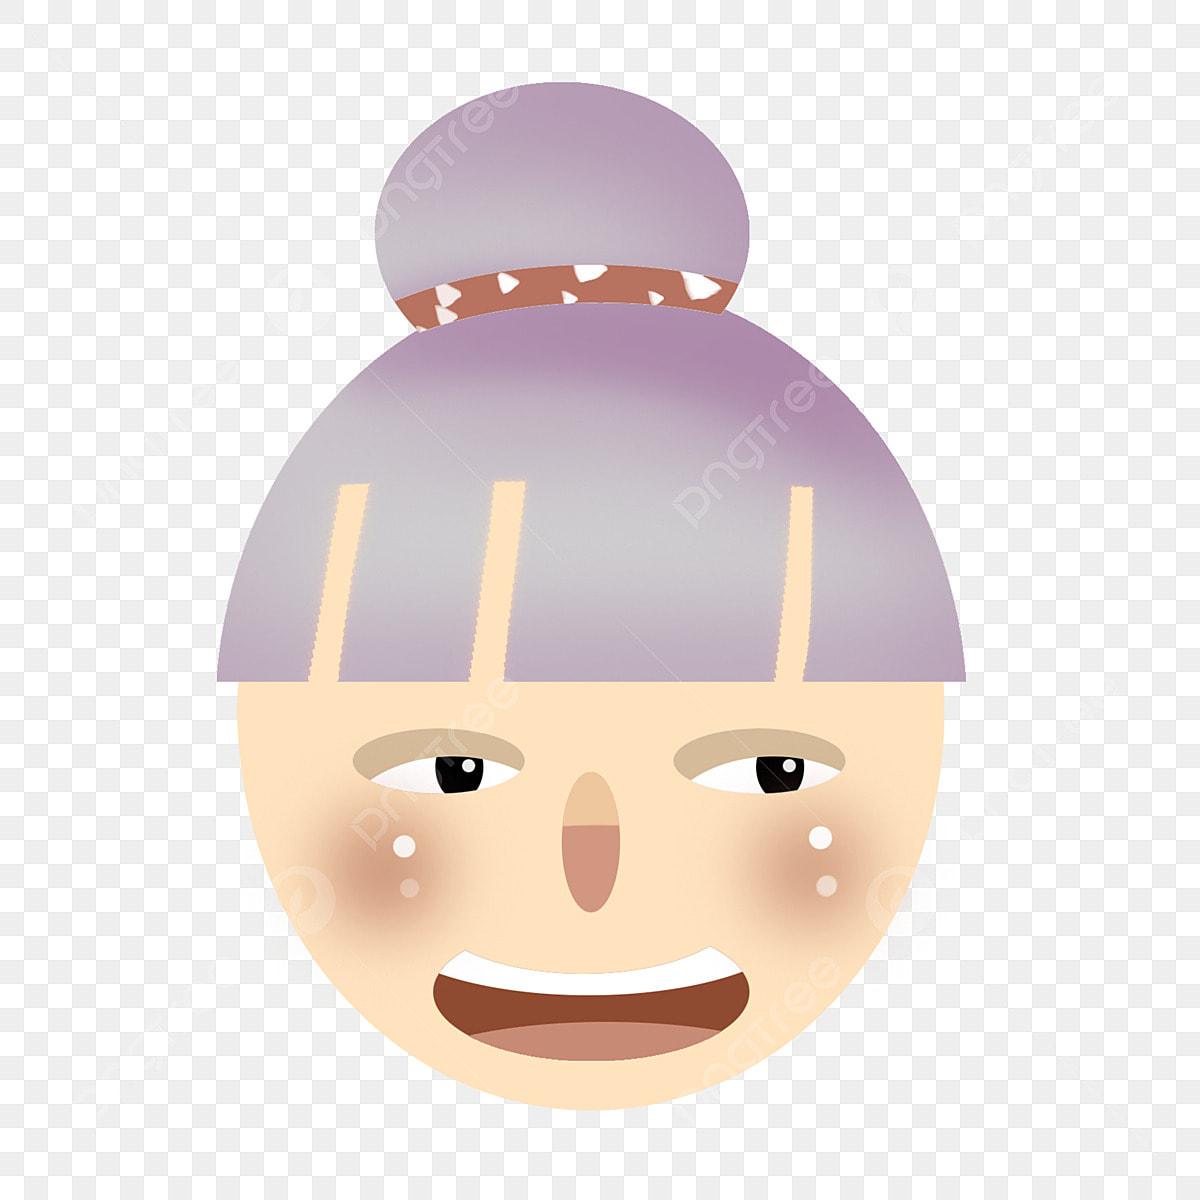 Kartun Wajah Ilustrasi Pipi Bulat Rambut Putih Ilustrasi